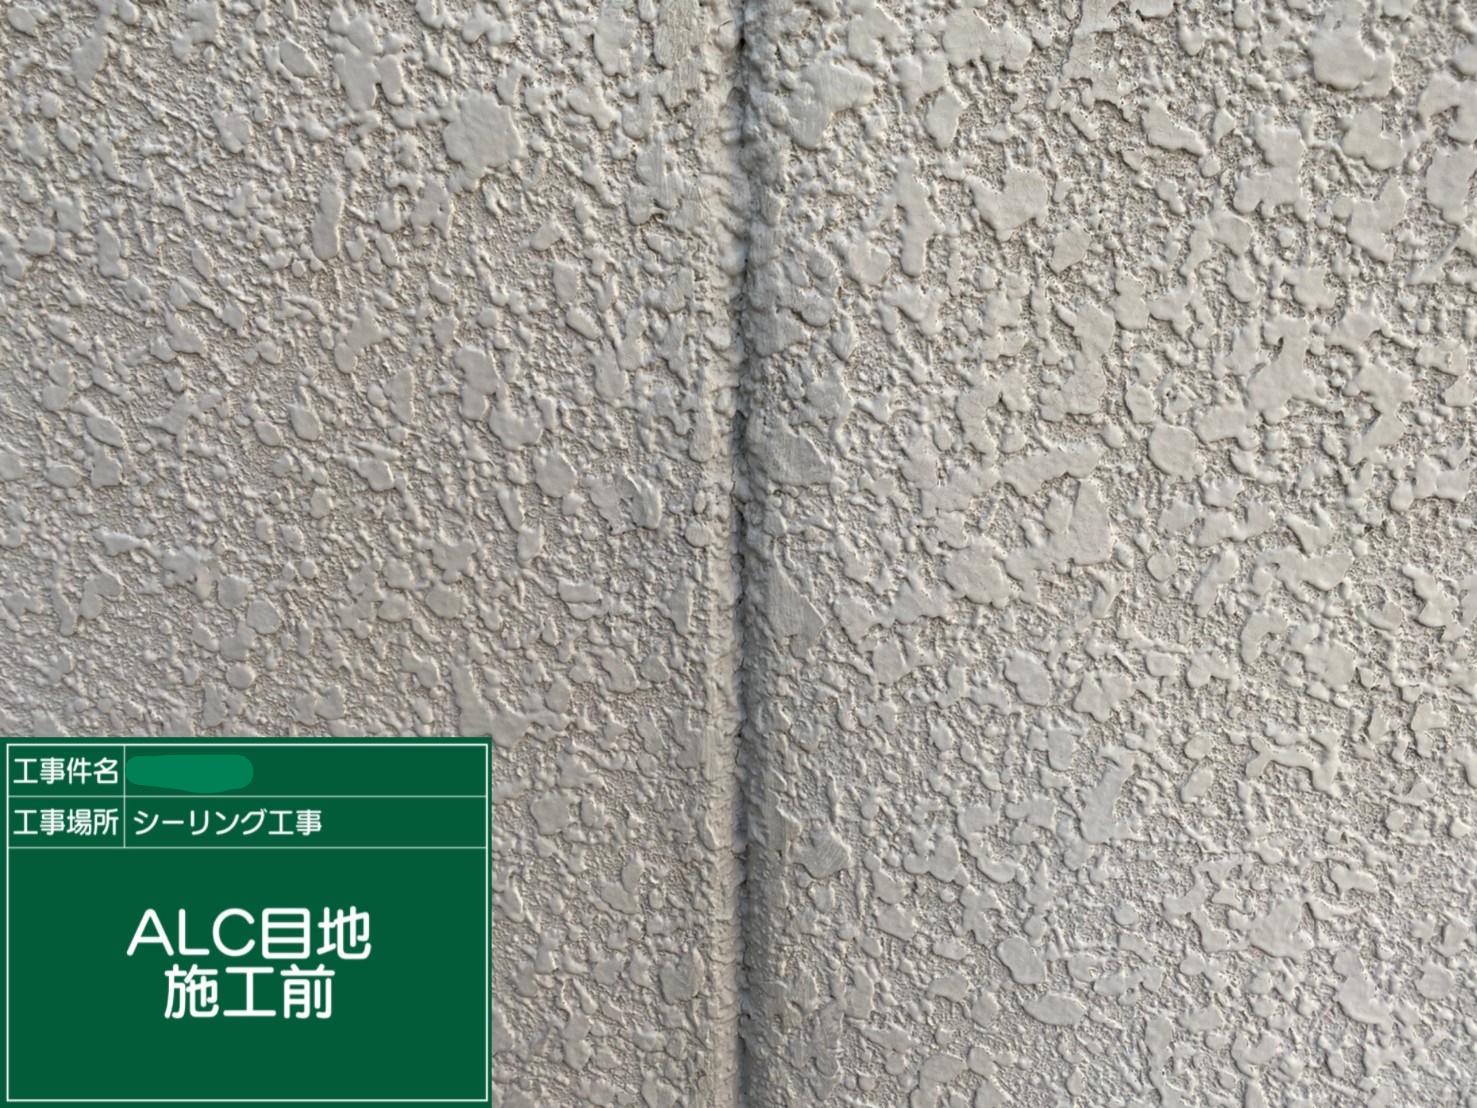 【ALC目地1】①施工前